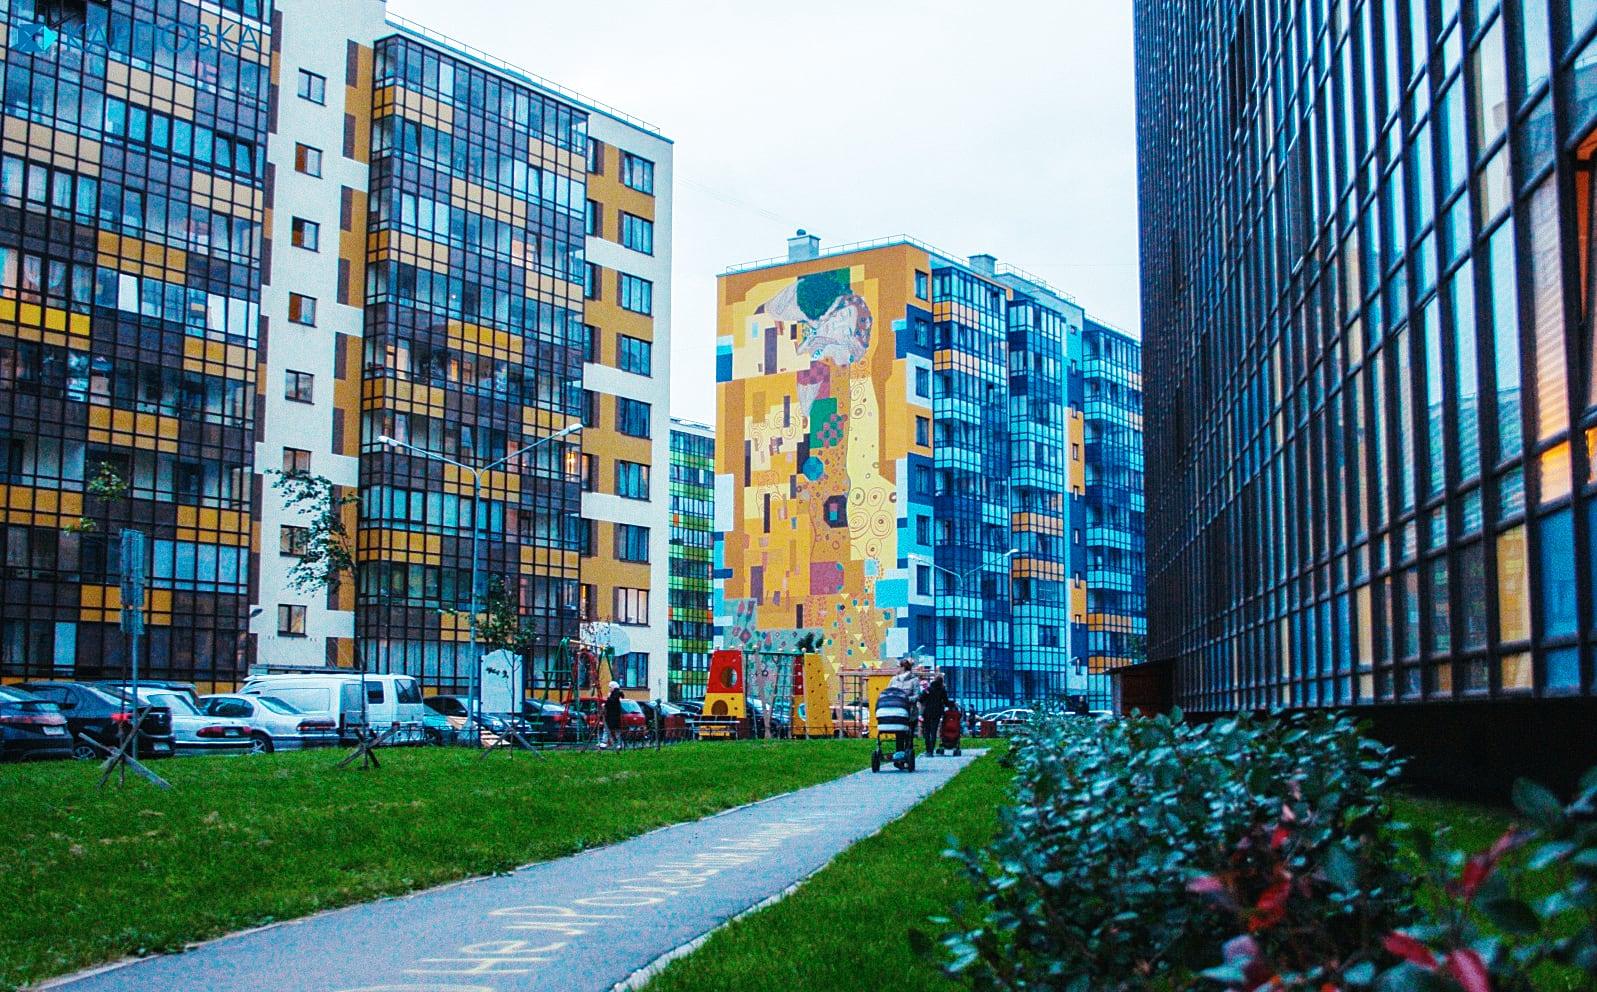 Продажа квартир в новостройках у метро Улица Дыбенко в 2018 году